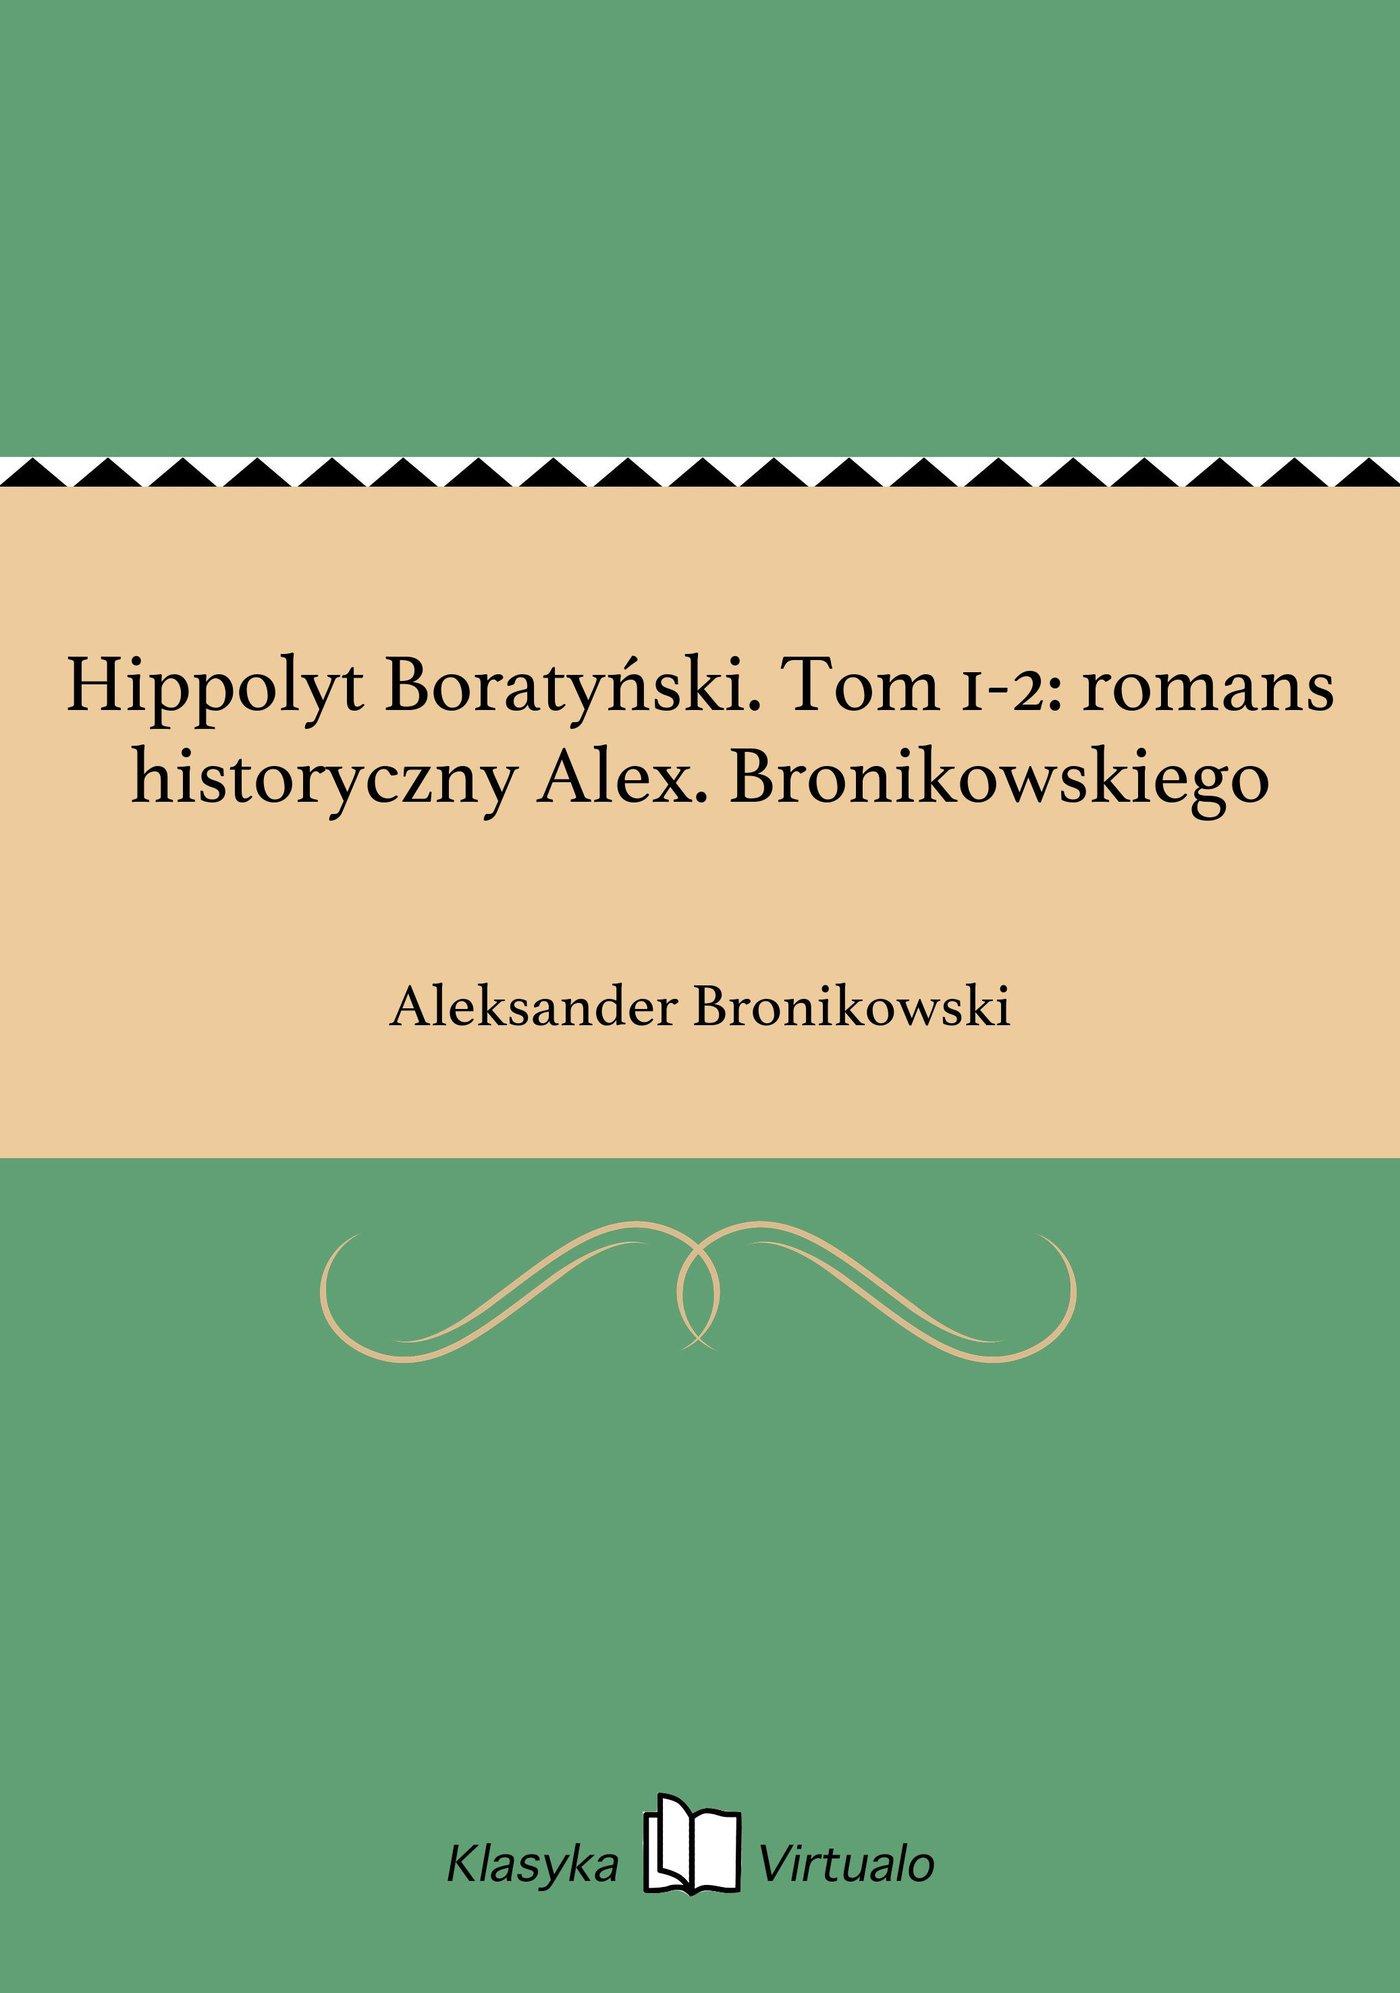 Hippolyt Boratyński. Tom 1-2: romans historyczny Alex. Bronikowskiego - Ebook (Książka EPUB) do pobrania w formacie EPUB